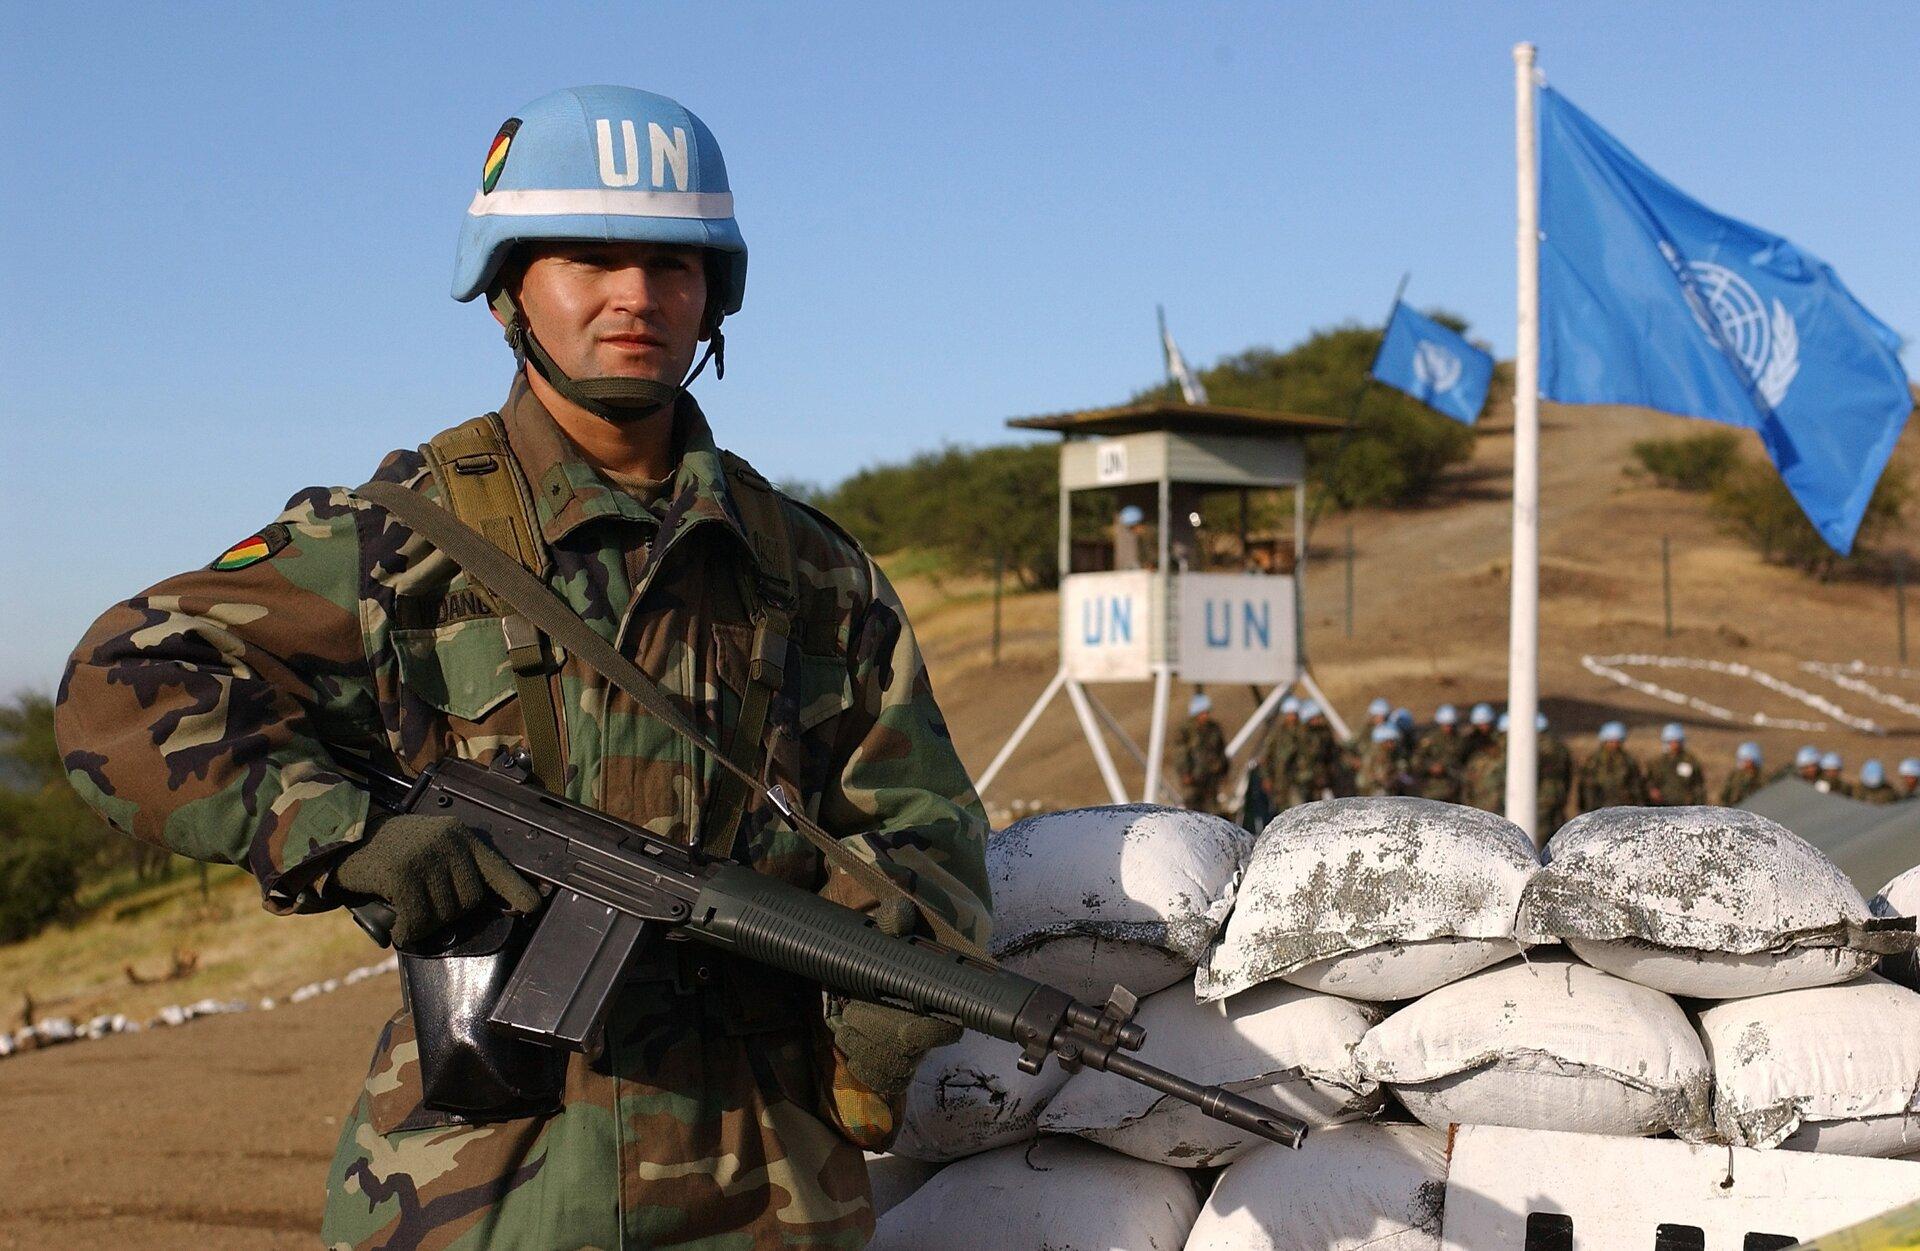 Wojska ONZ wChile Źródło: JoAnn S. Makinano, Wojska ONZ wChile, licencja: CC 0.